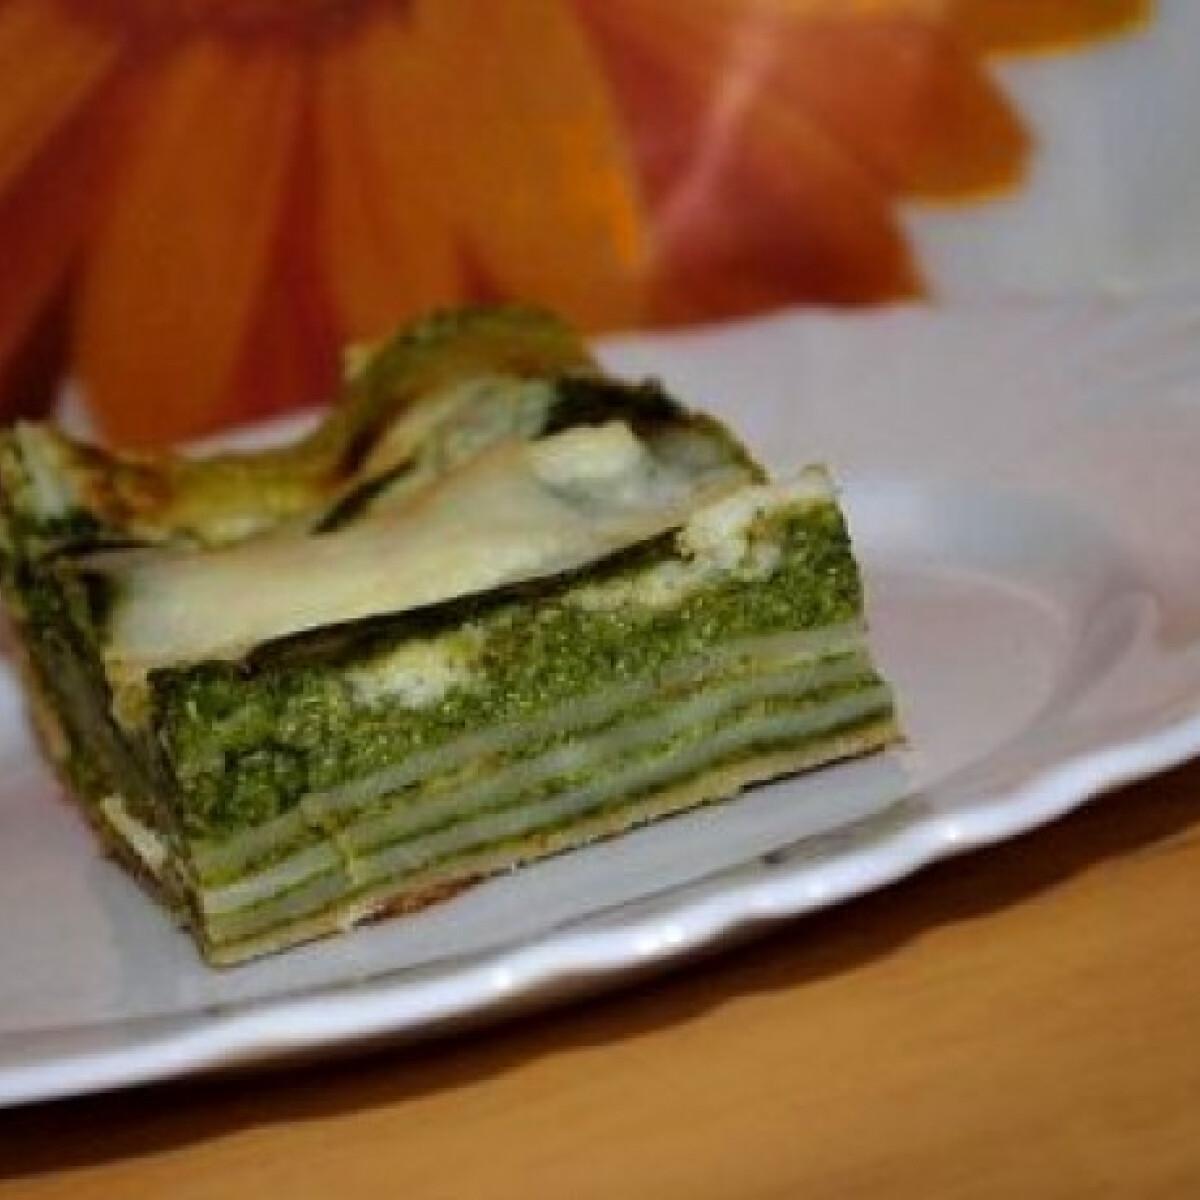 Spenótos lasagne 3. - sajtmártással